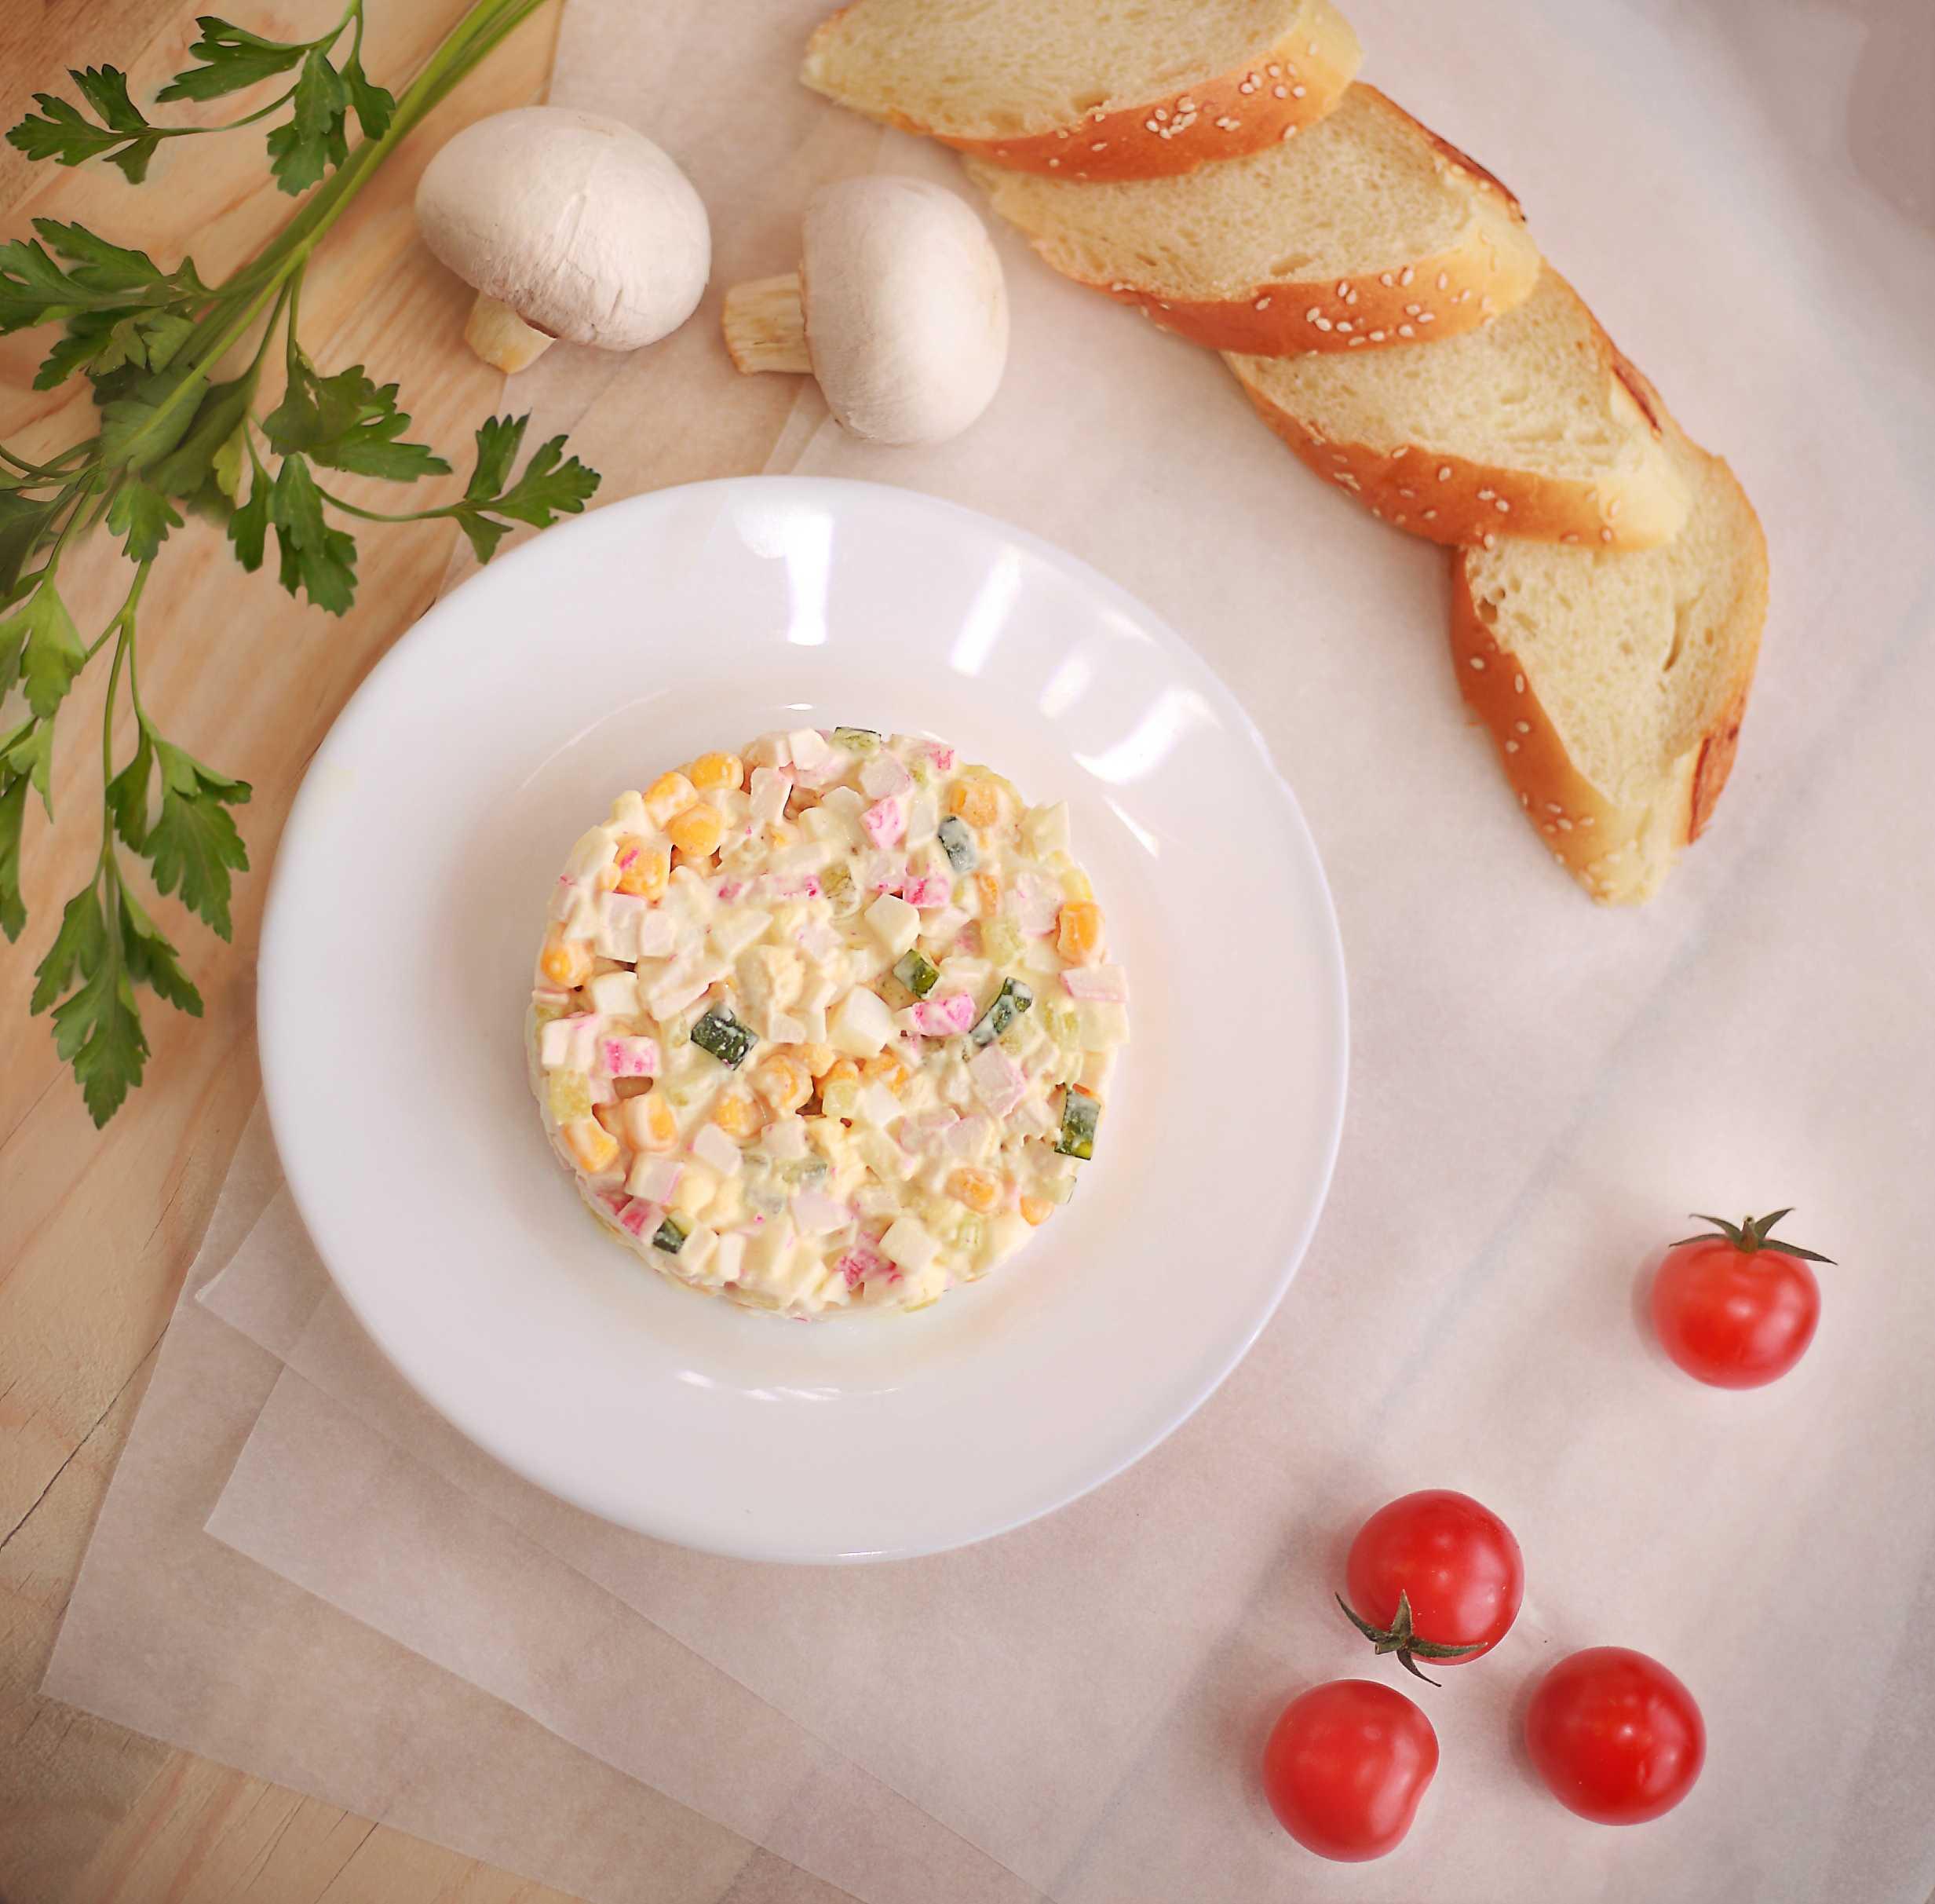 Салат с пекинской капустой крабовыми палочками и кукурузой рецепт с фото пошагово и видео - 1000.menu